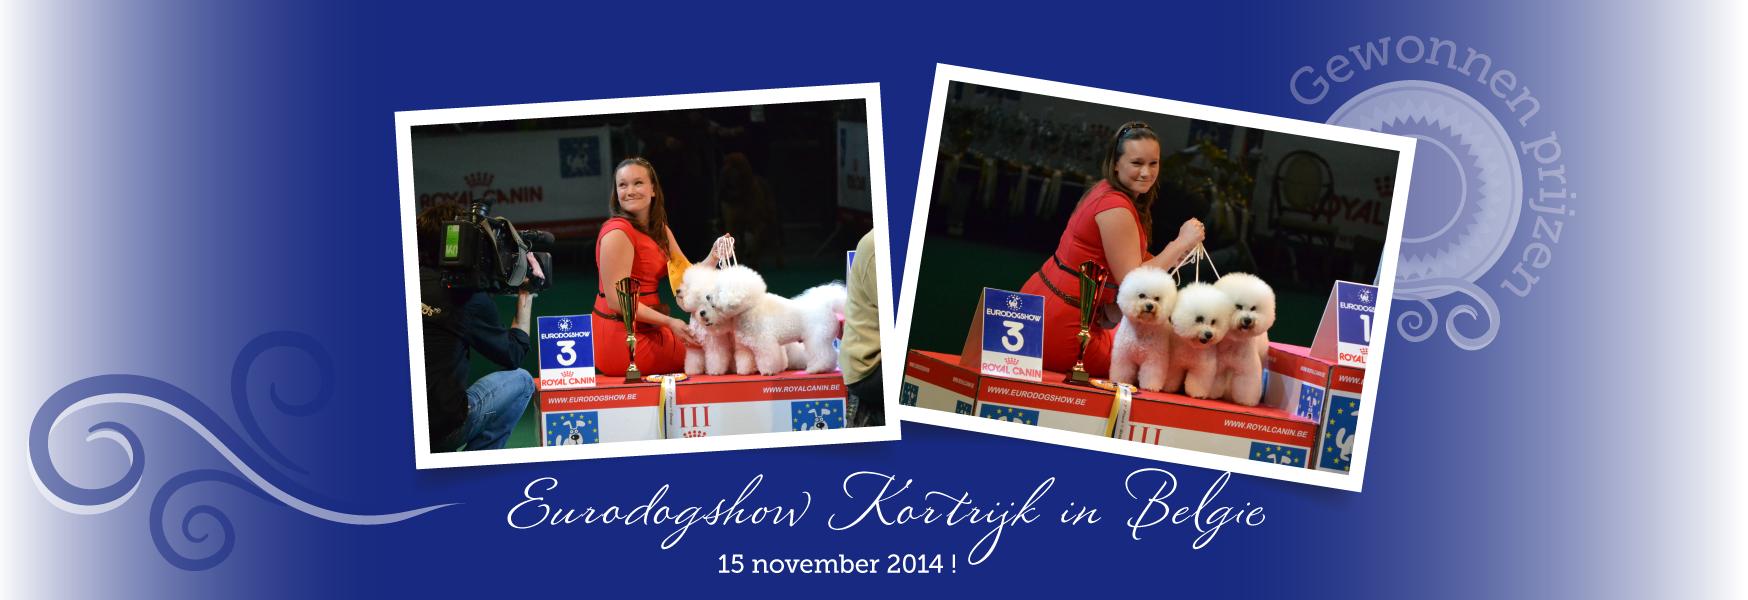 slide_07_Eurodogshow2014-17